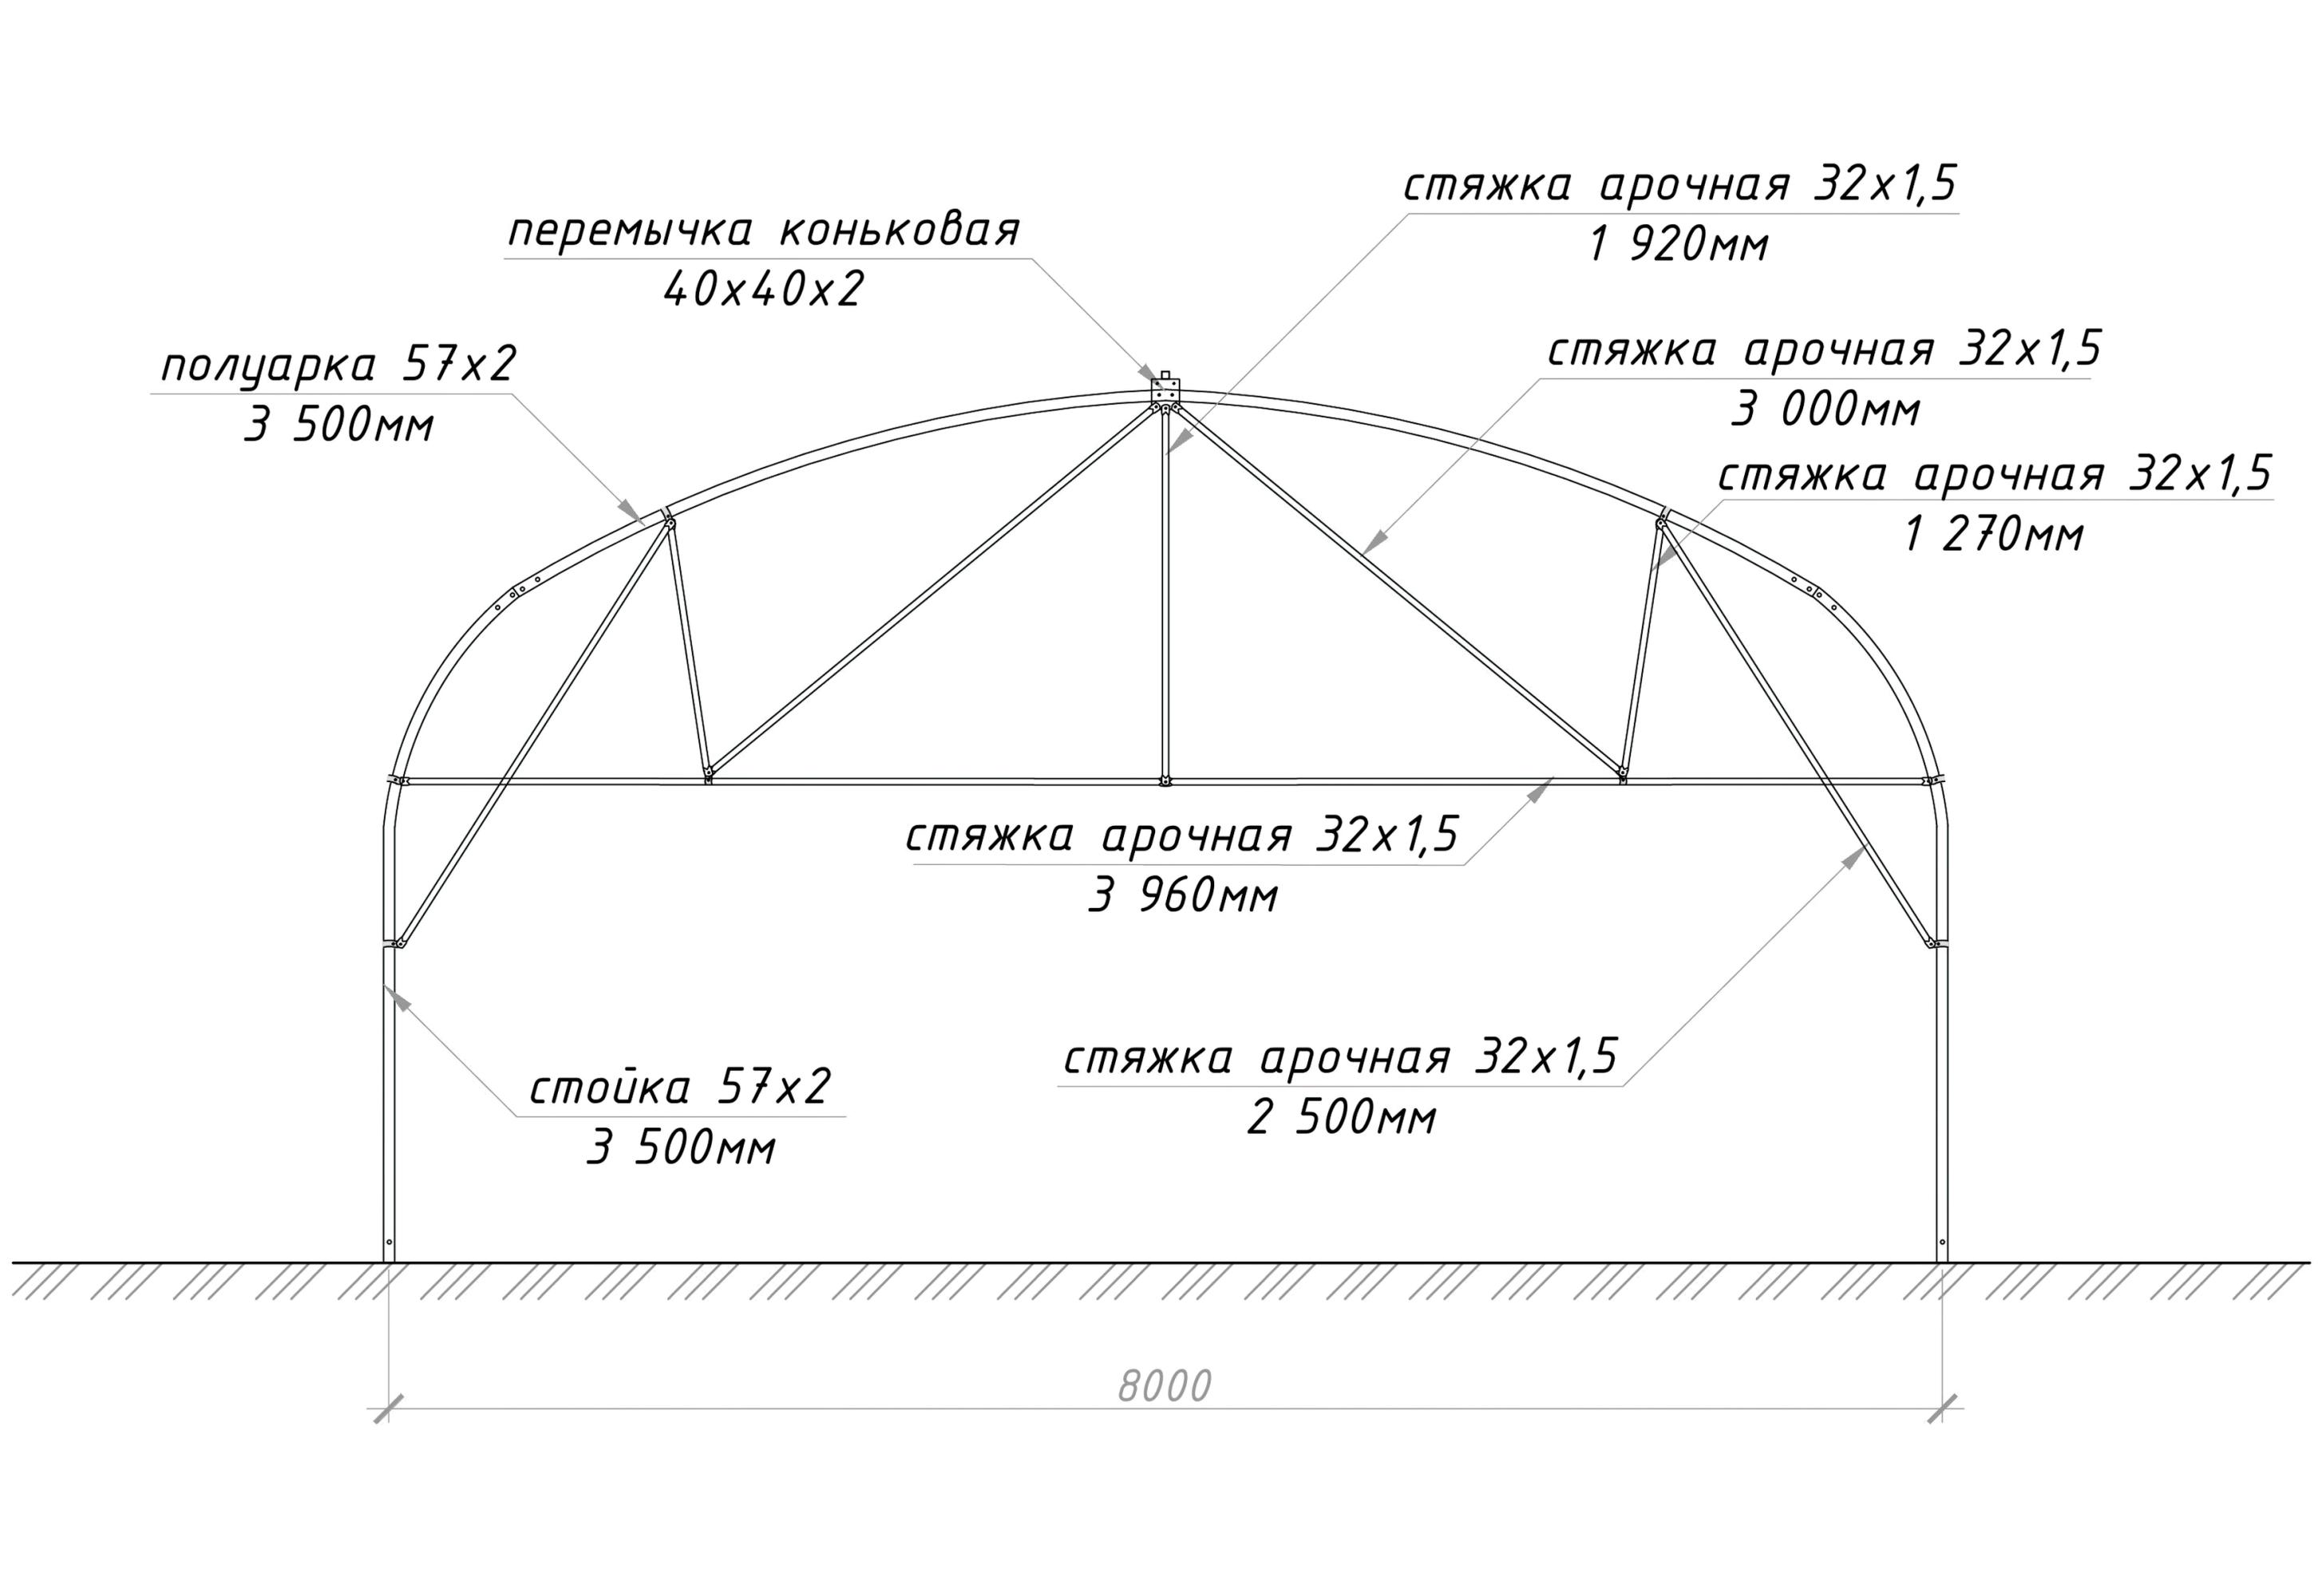 Теплица с прямой стенкой 8м